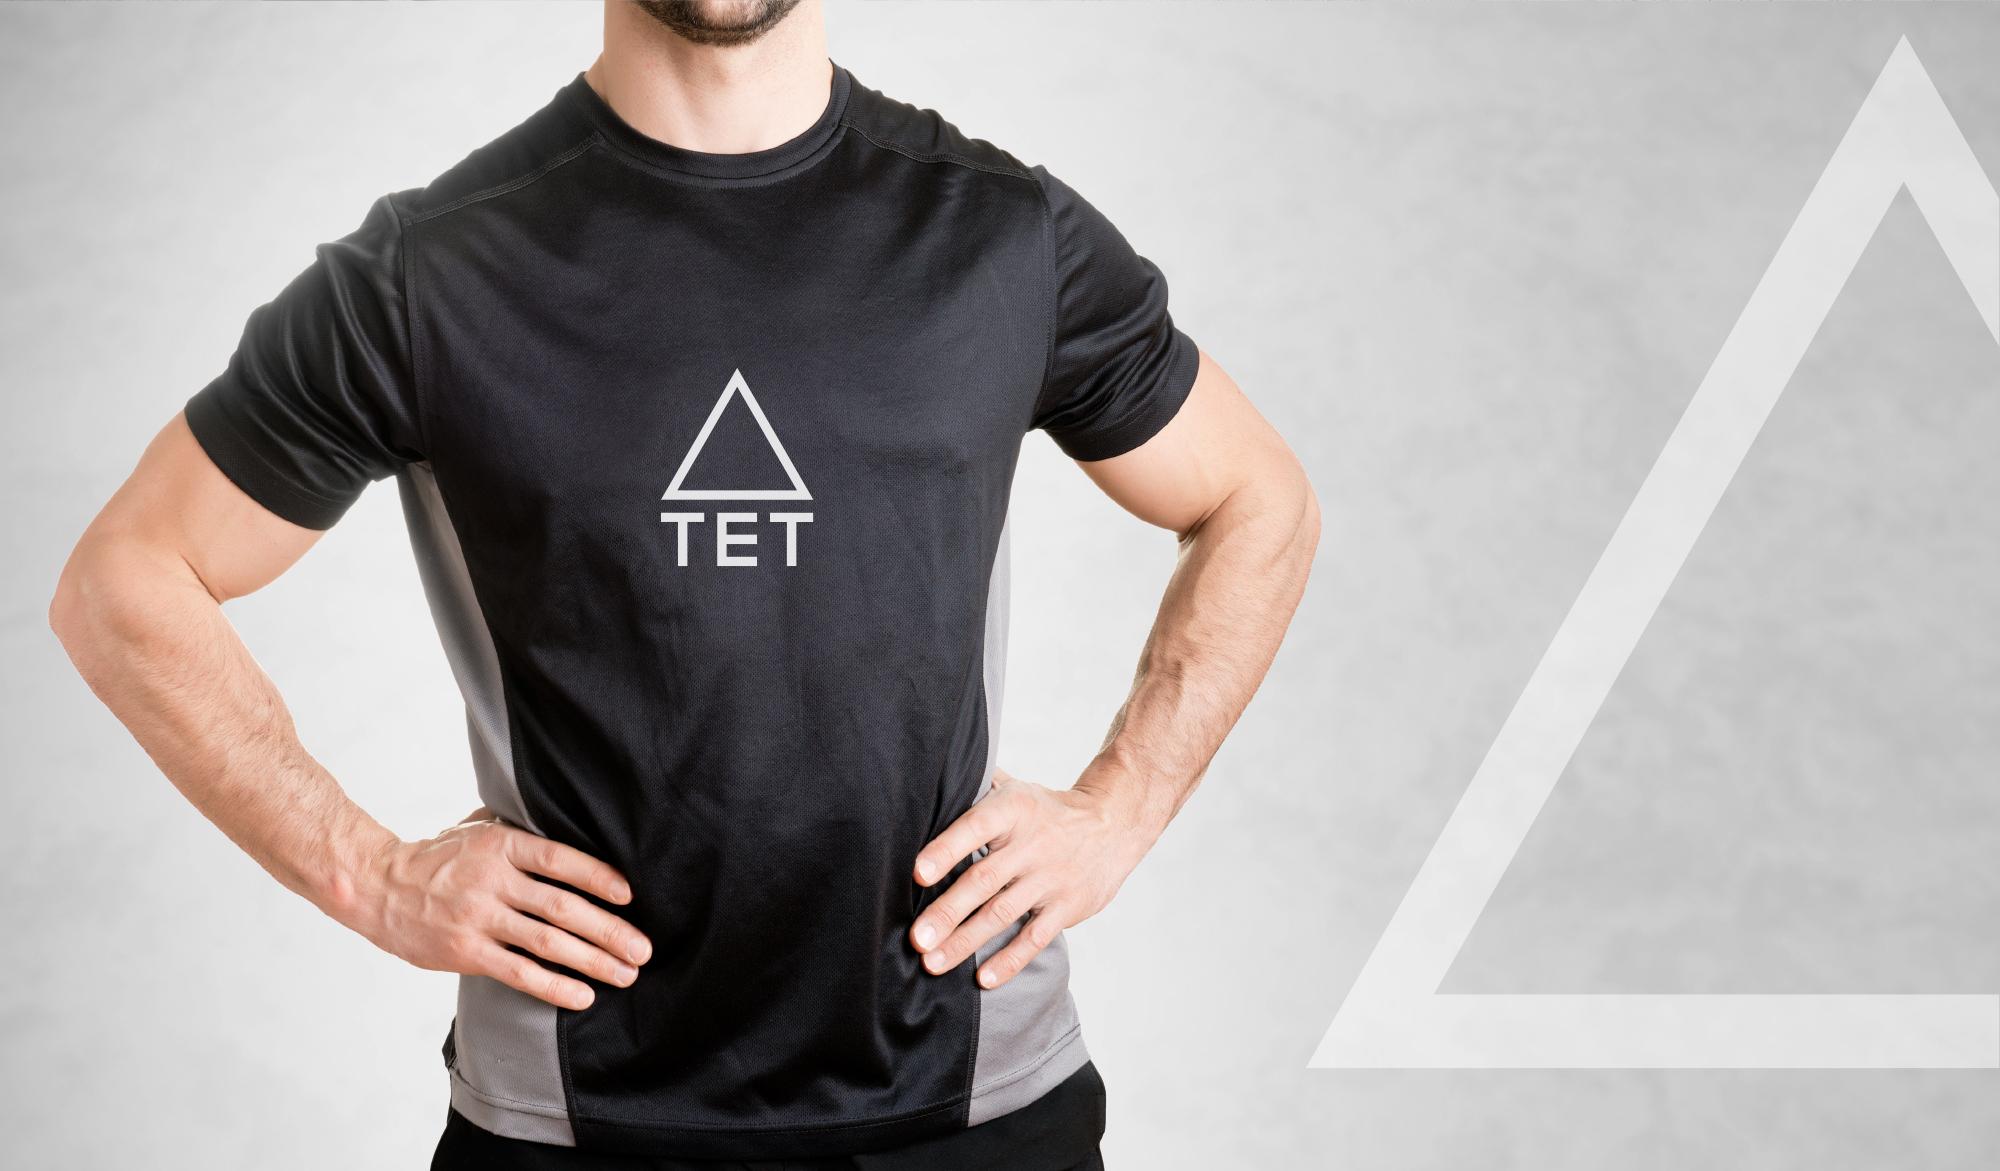 TET Studio merchandise